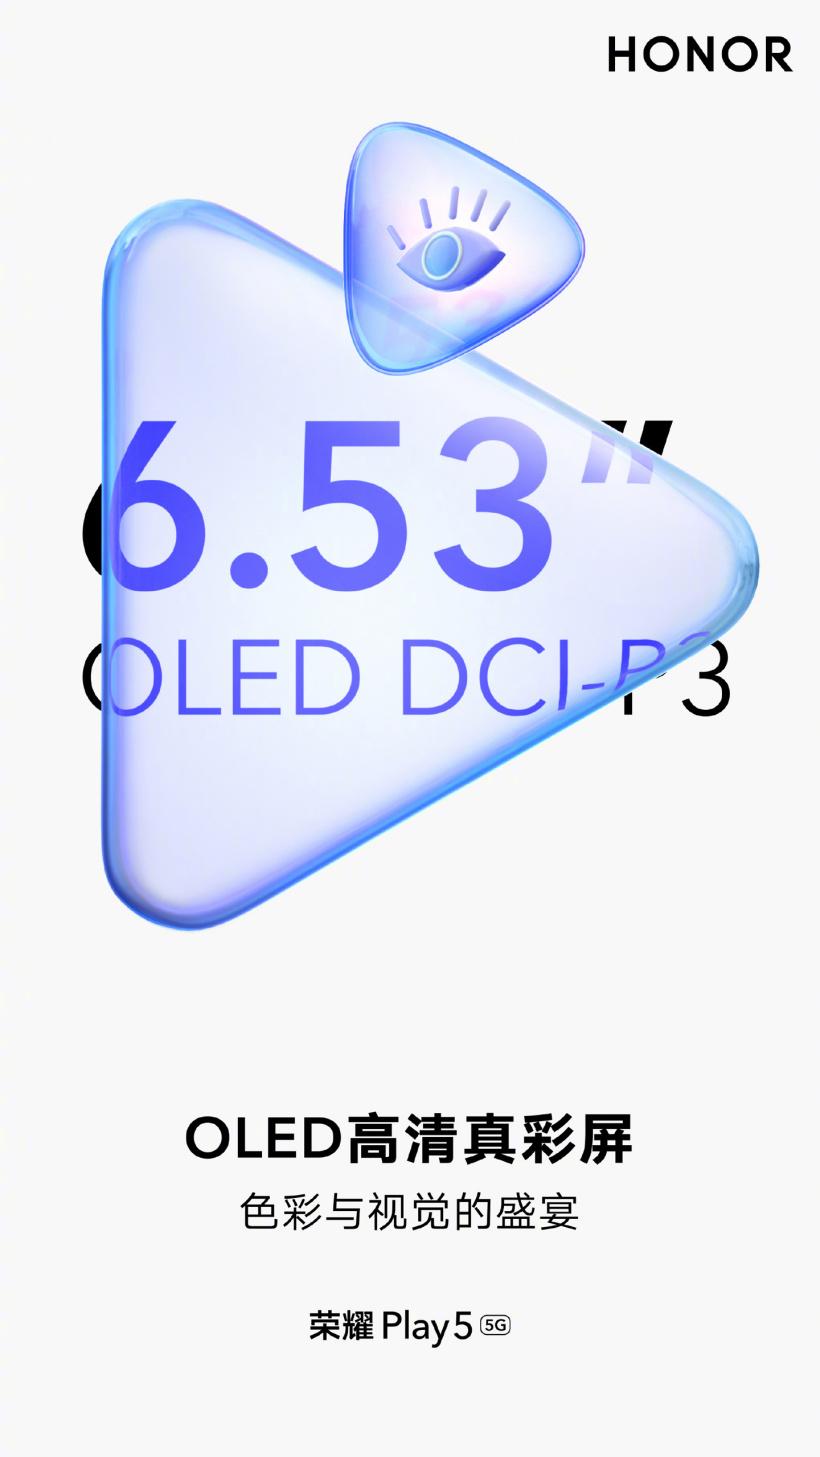 荣耀 Play5 确认采用 6.53 英寸 OLED 高清真彩屏,支持 DCI-P3 色域